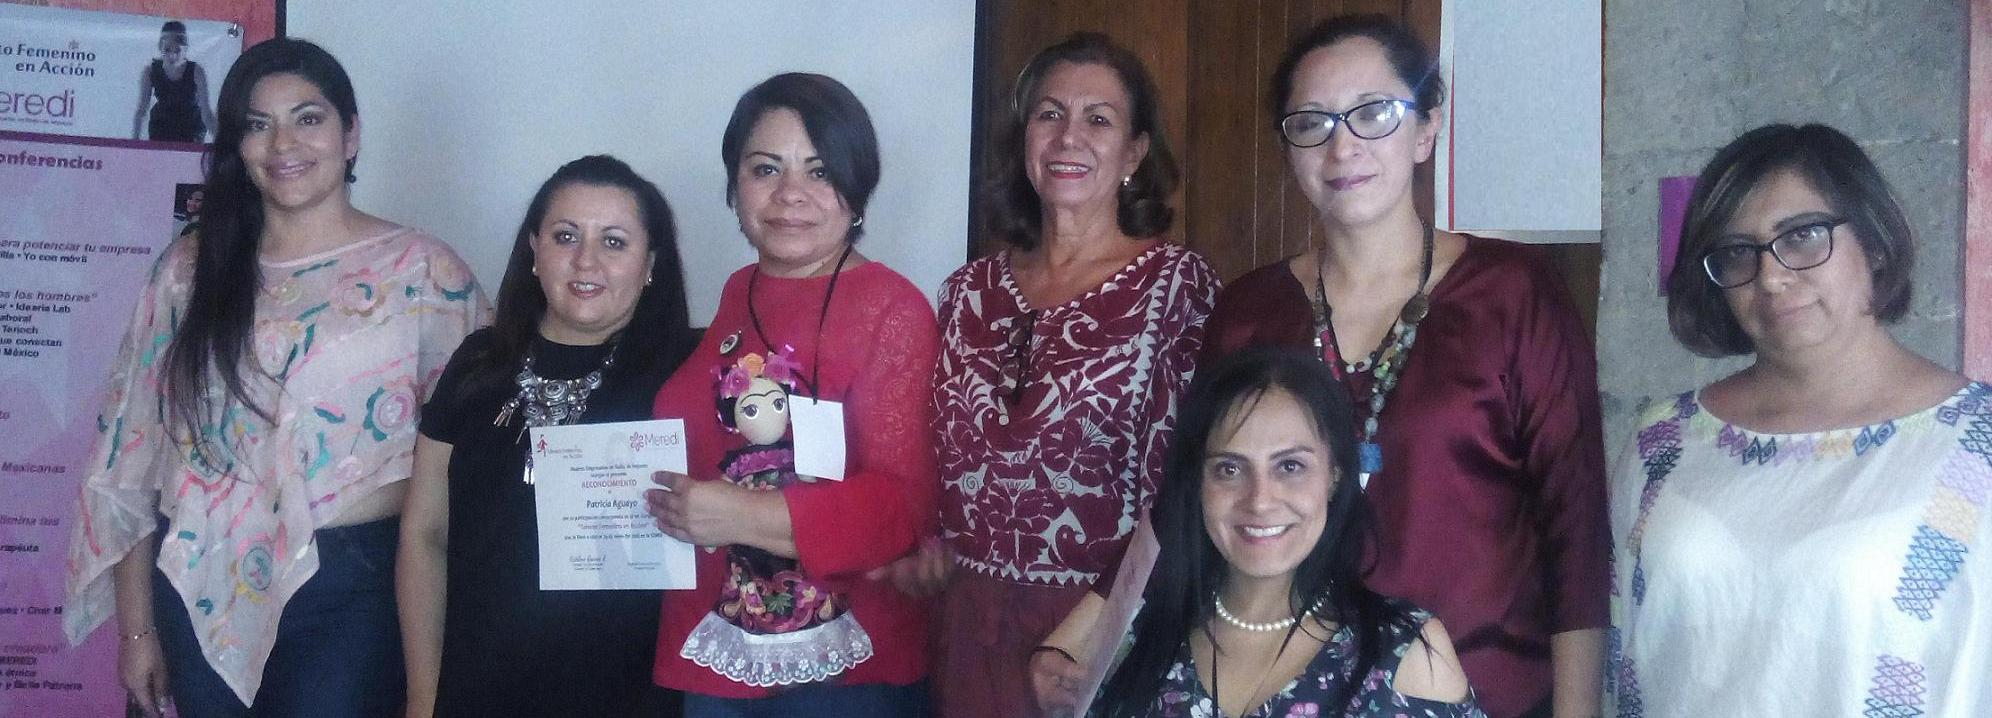 Congreso Talento femenino en acción, 29 de Junio 2019, Ya puedes aparta tu lugar!